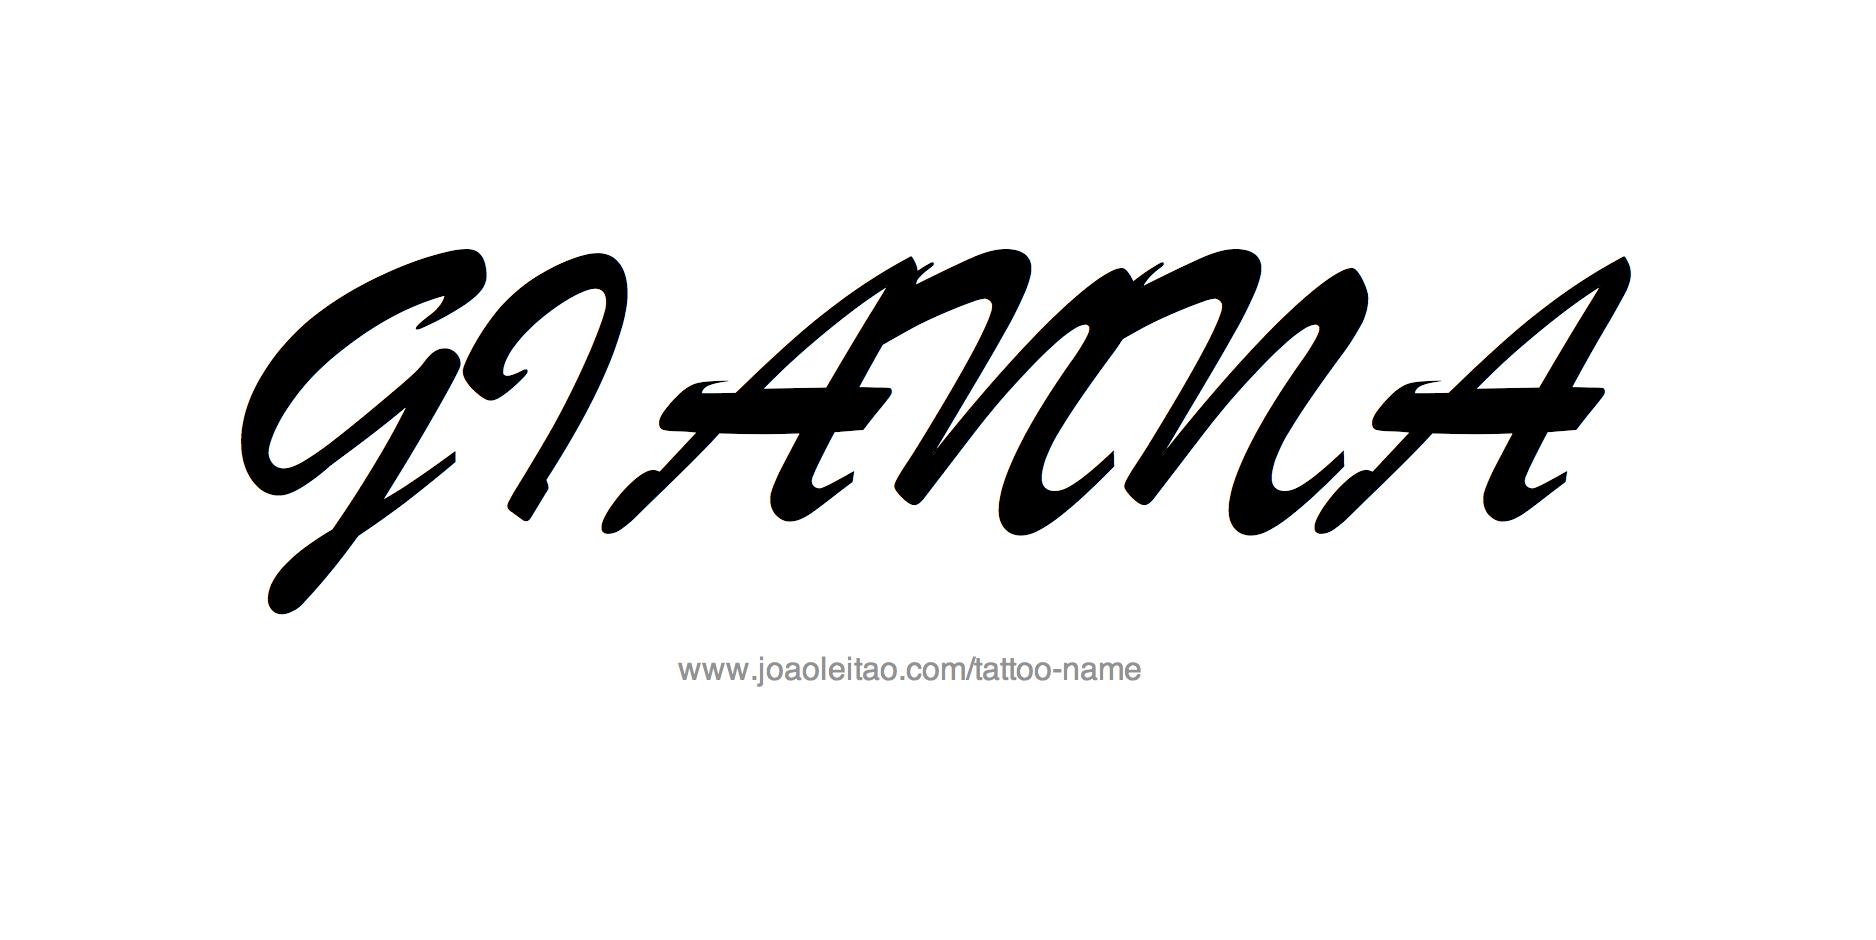 Tattoo Design Name Gianna